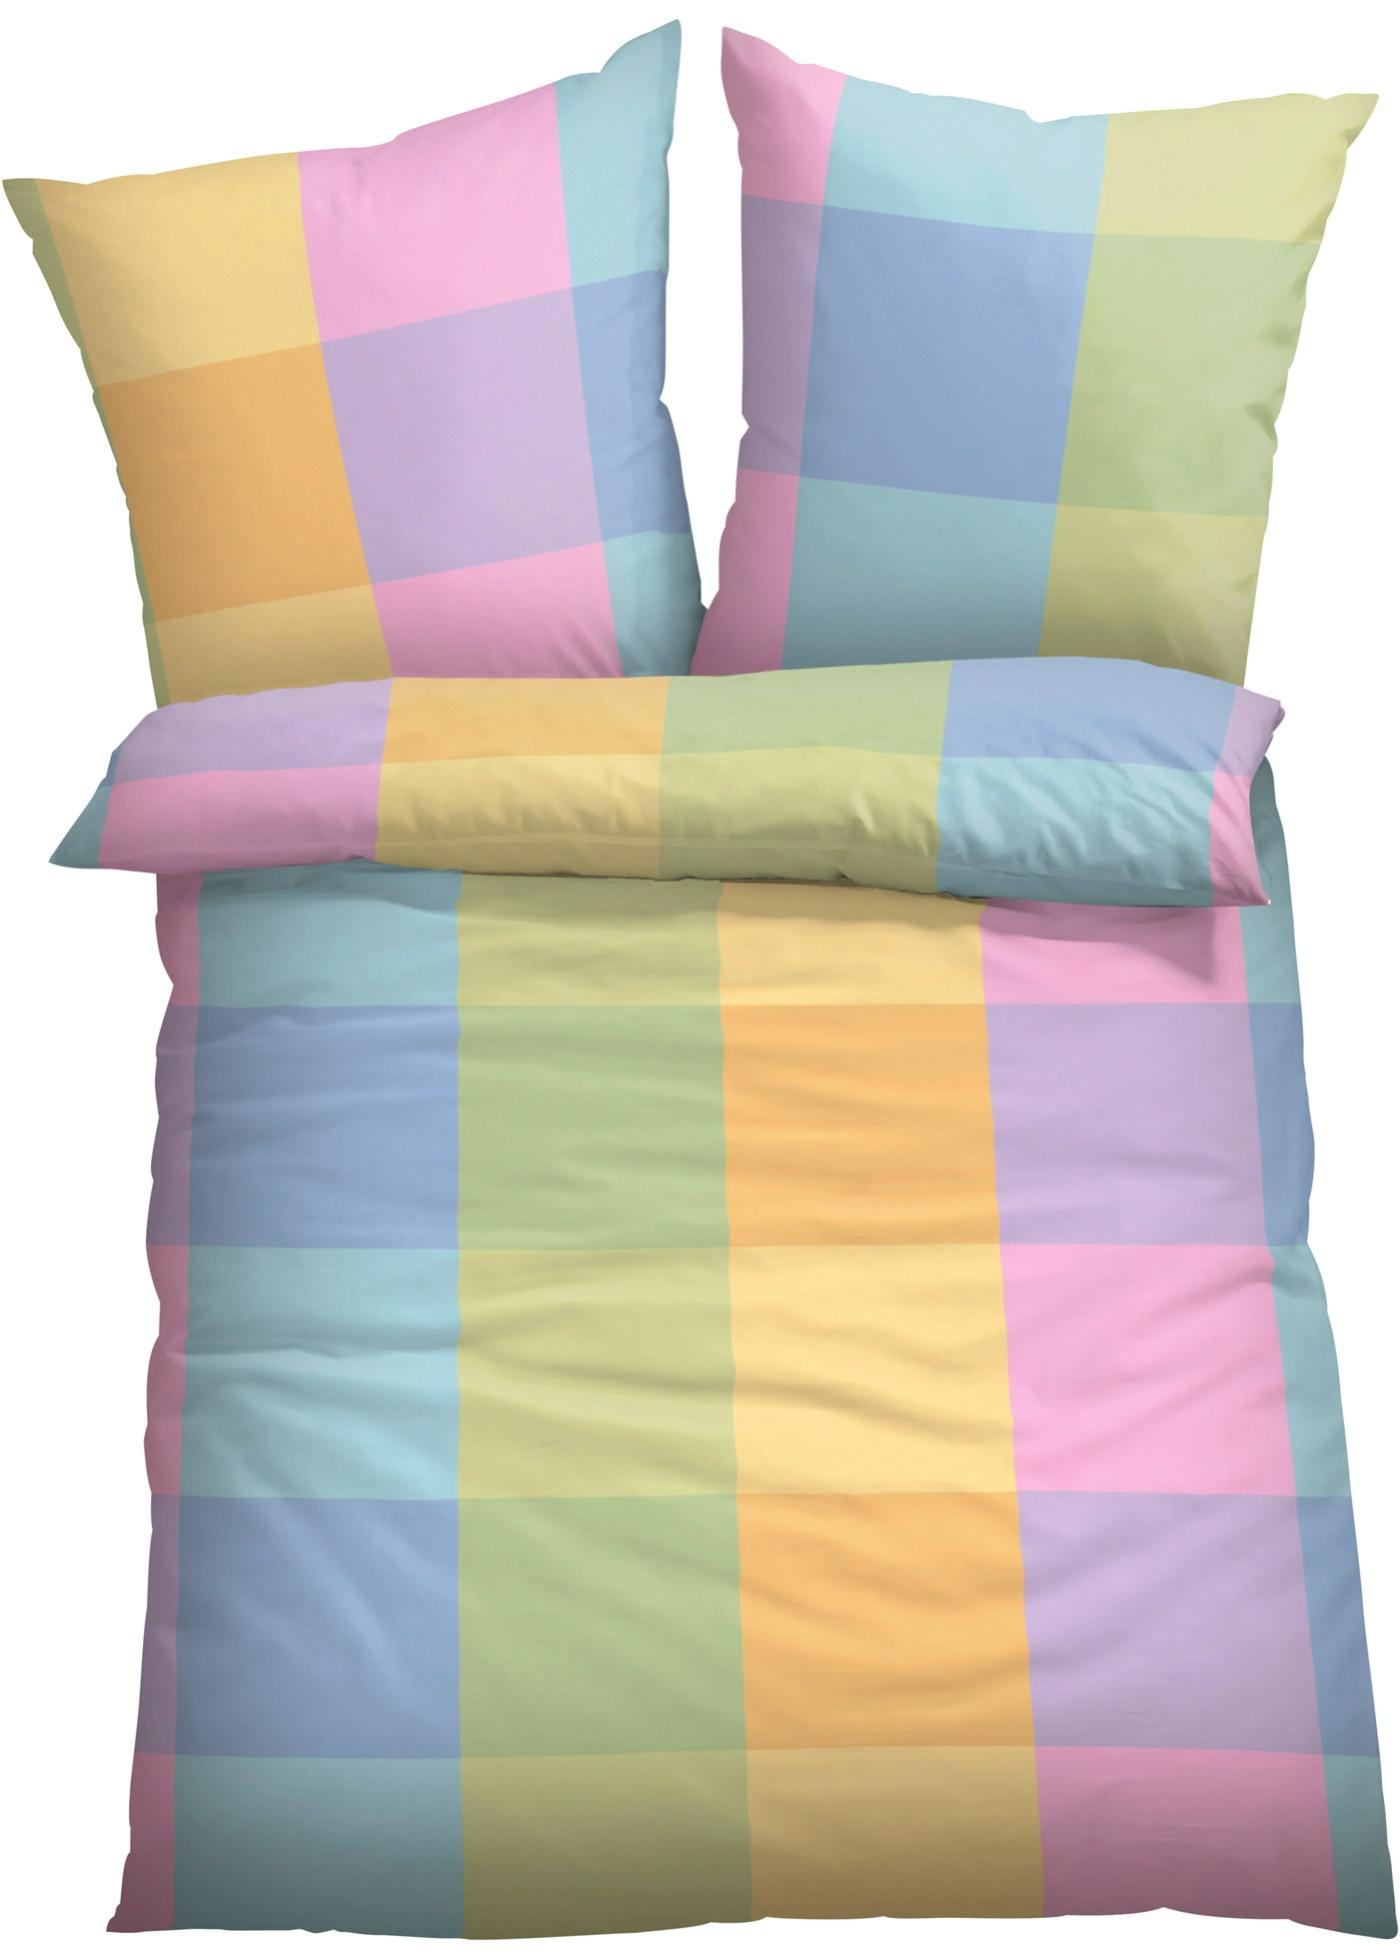 Parure de lit imprimée à grands carreaux dans des tonalités fraîches, différentes matières au choix. Disponible en parure 2 pces ou 4 pces et en taille supérieure XXL.